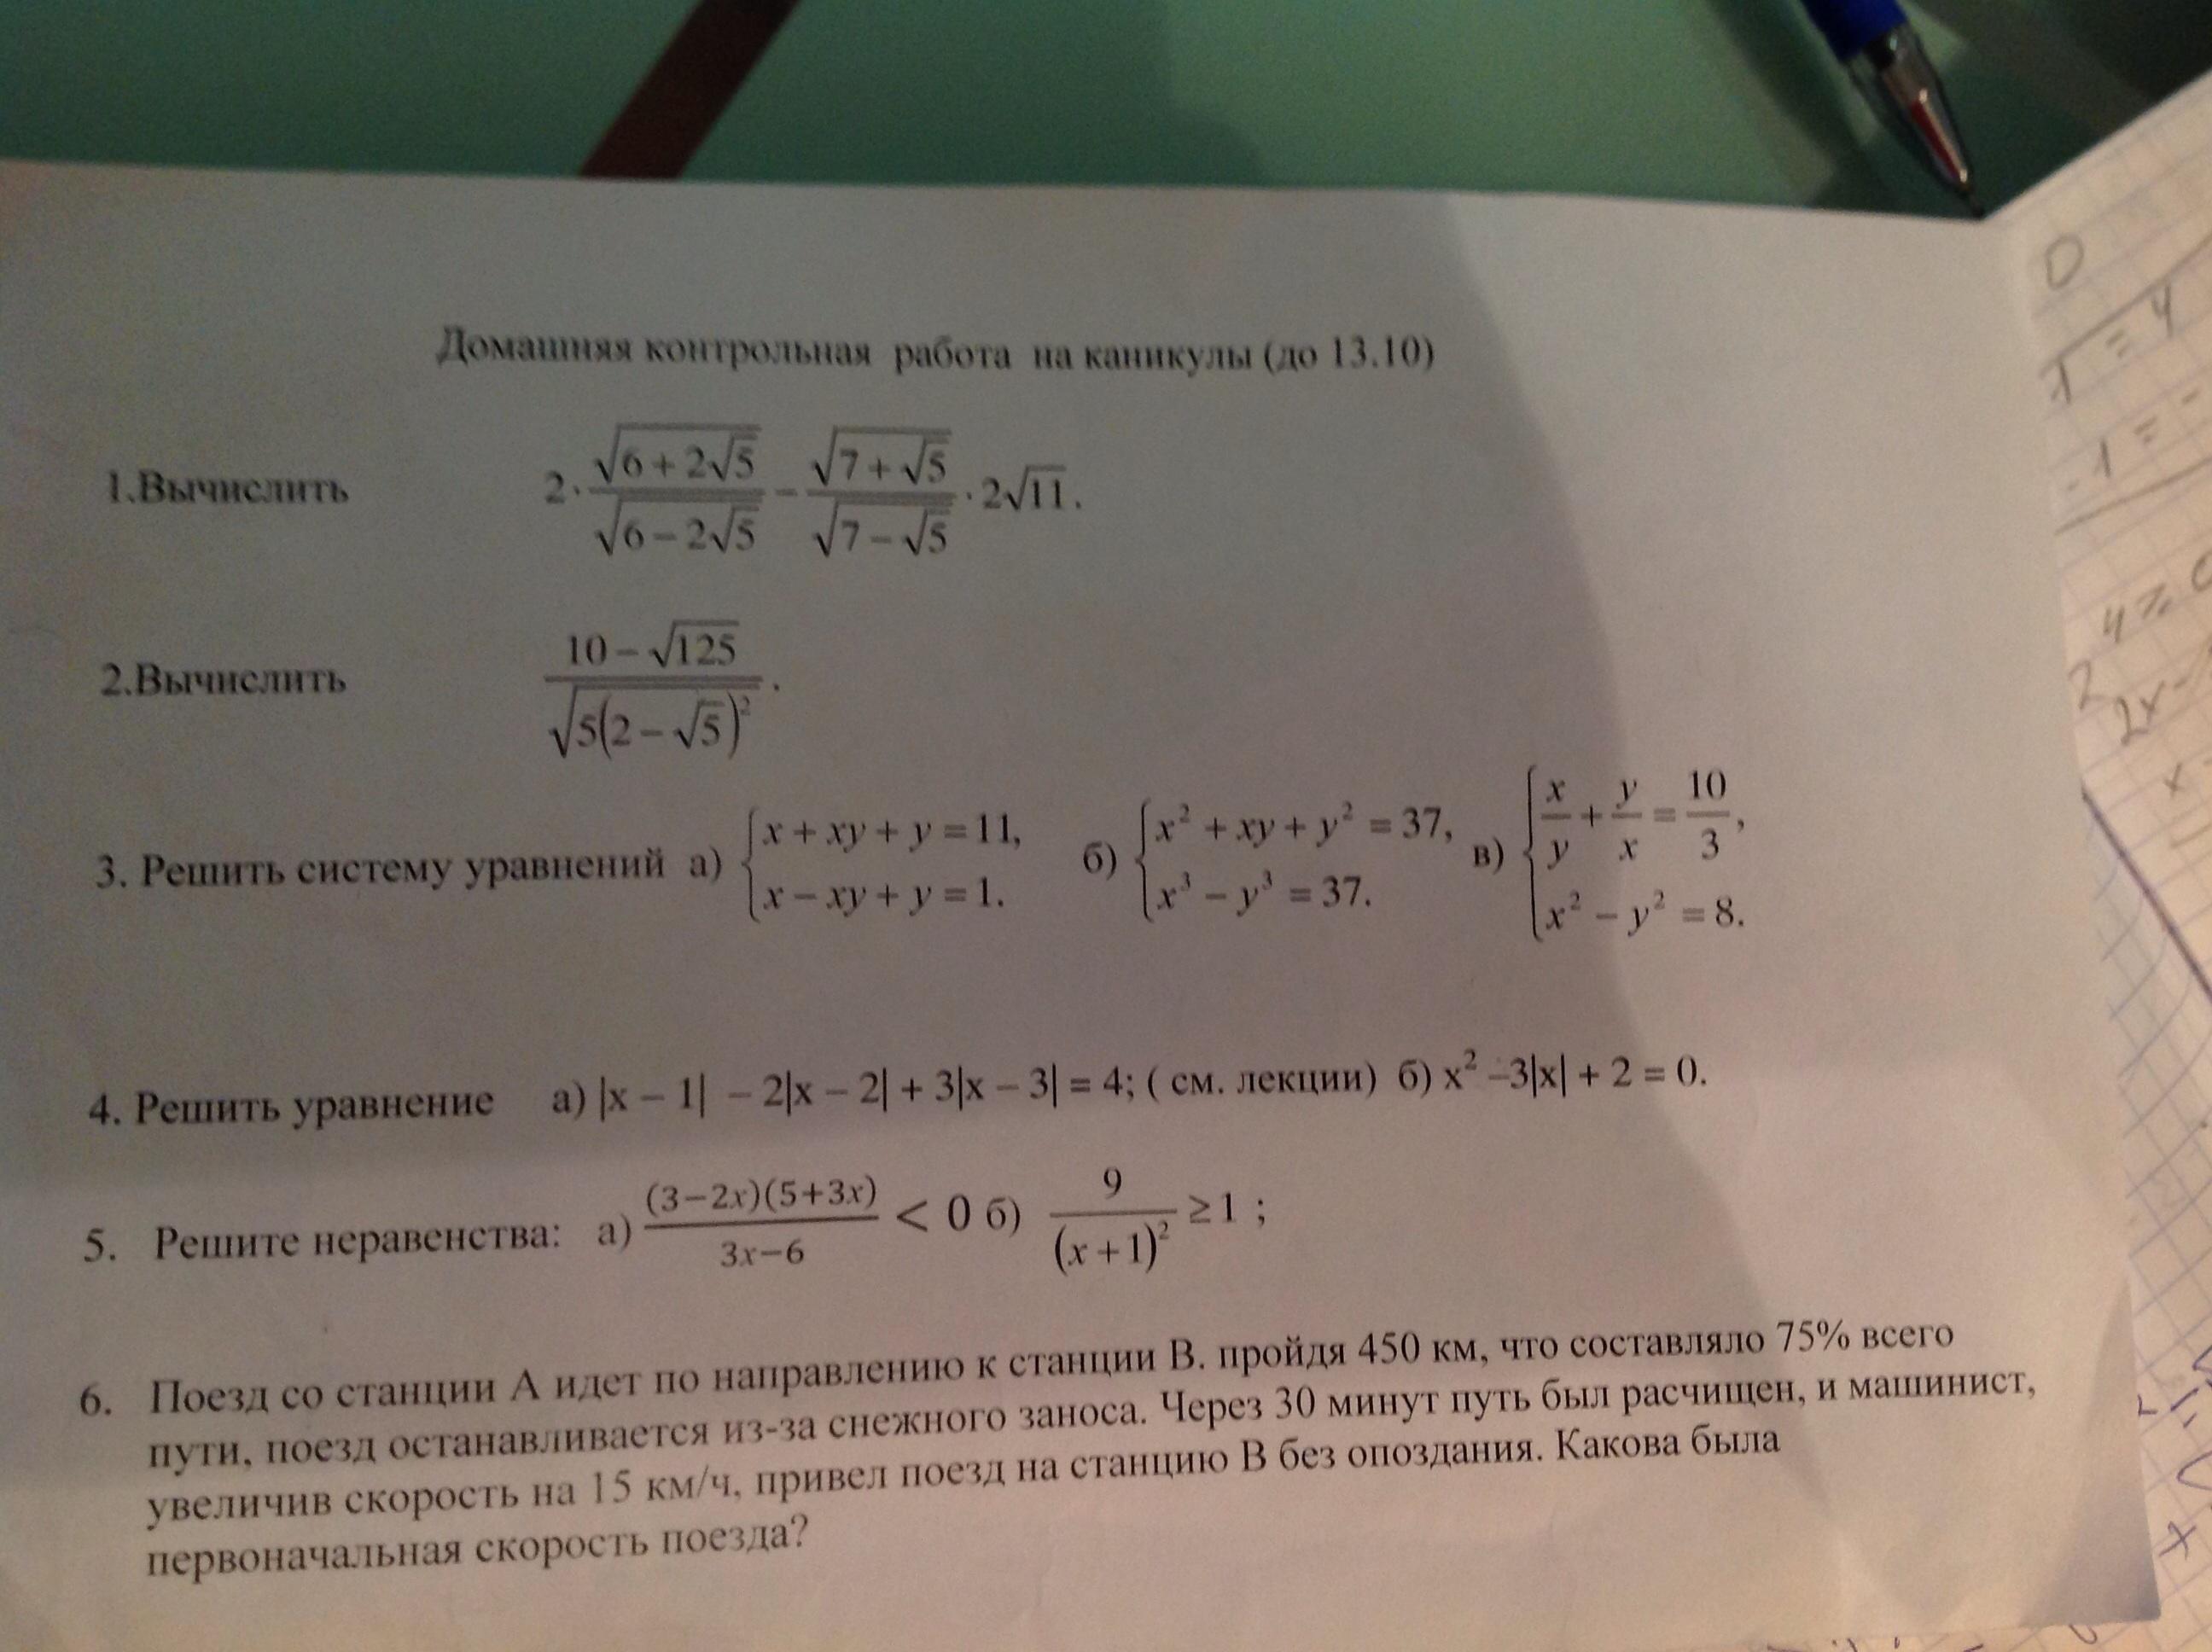 Калькулятор решения задач по биологии решение логических задач с помощью компьютерных программ